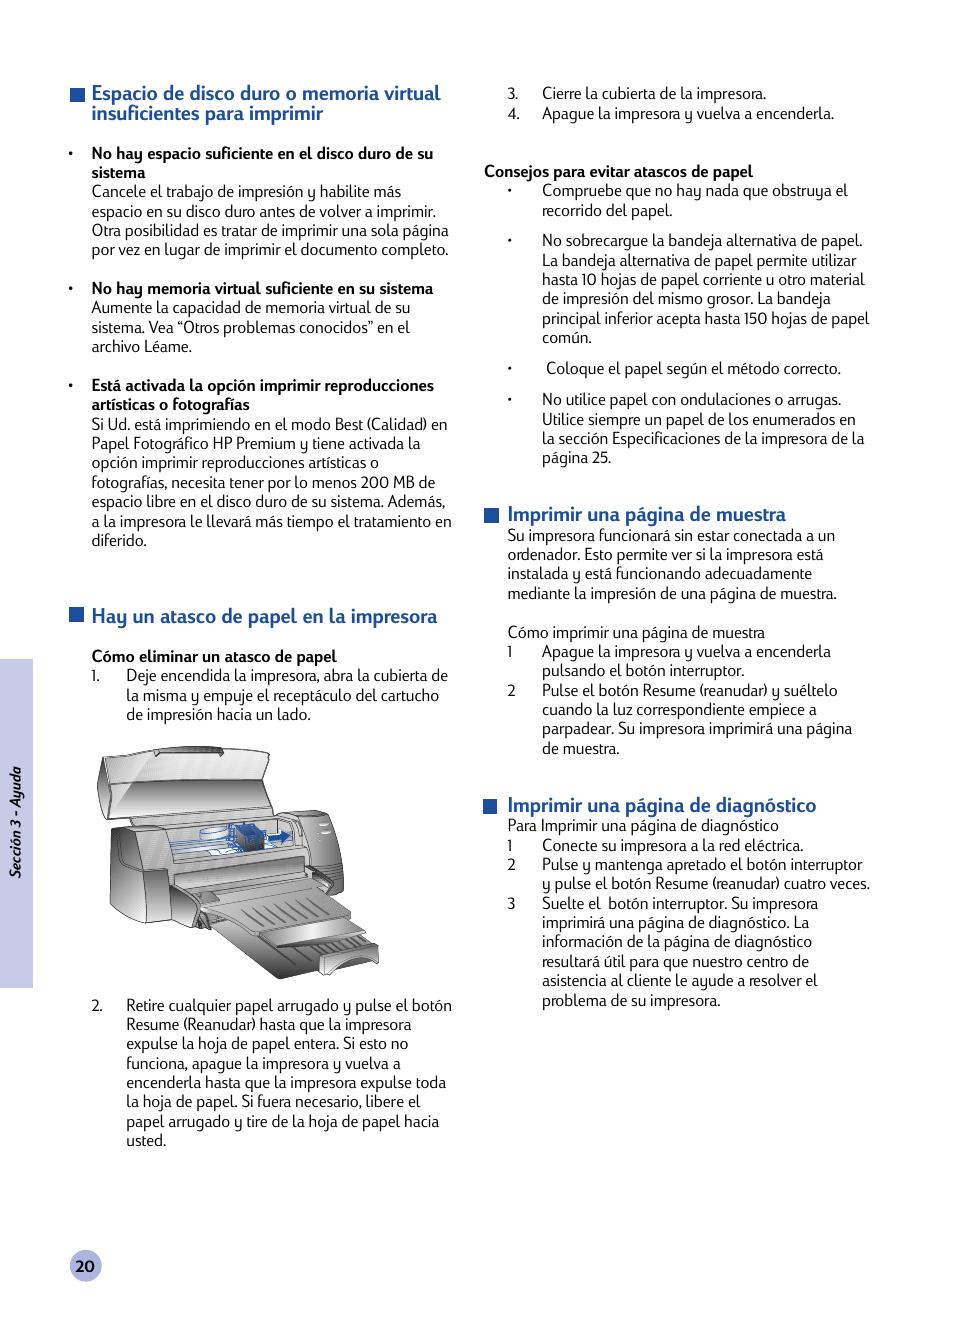 Hay un atasco de papel en la impresora, Imprimir una página de ...